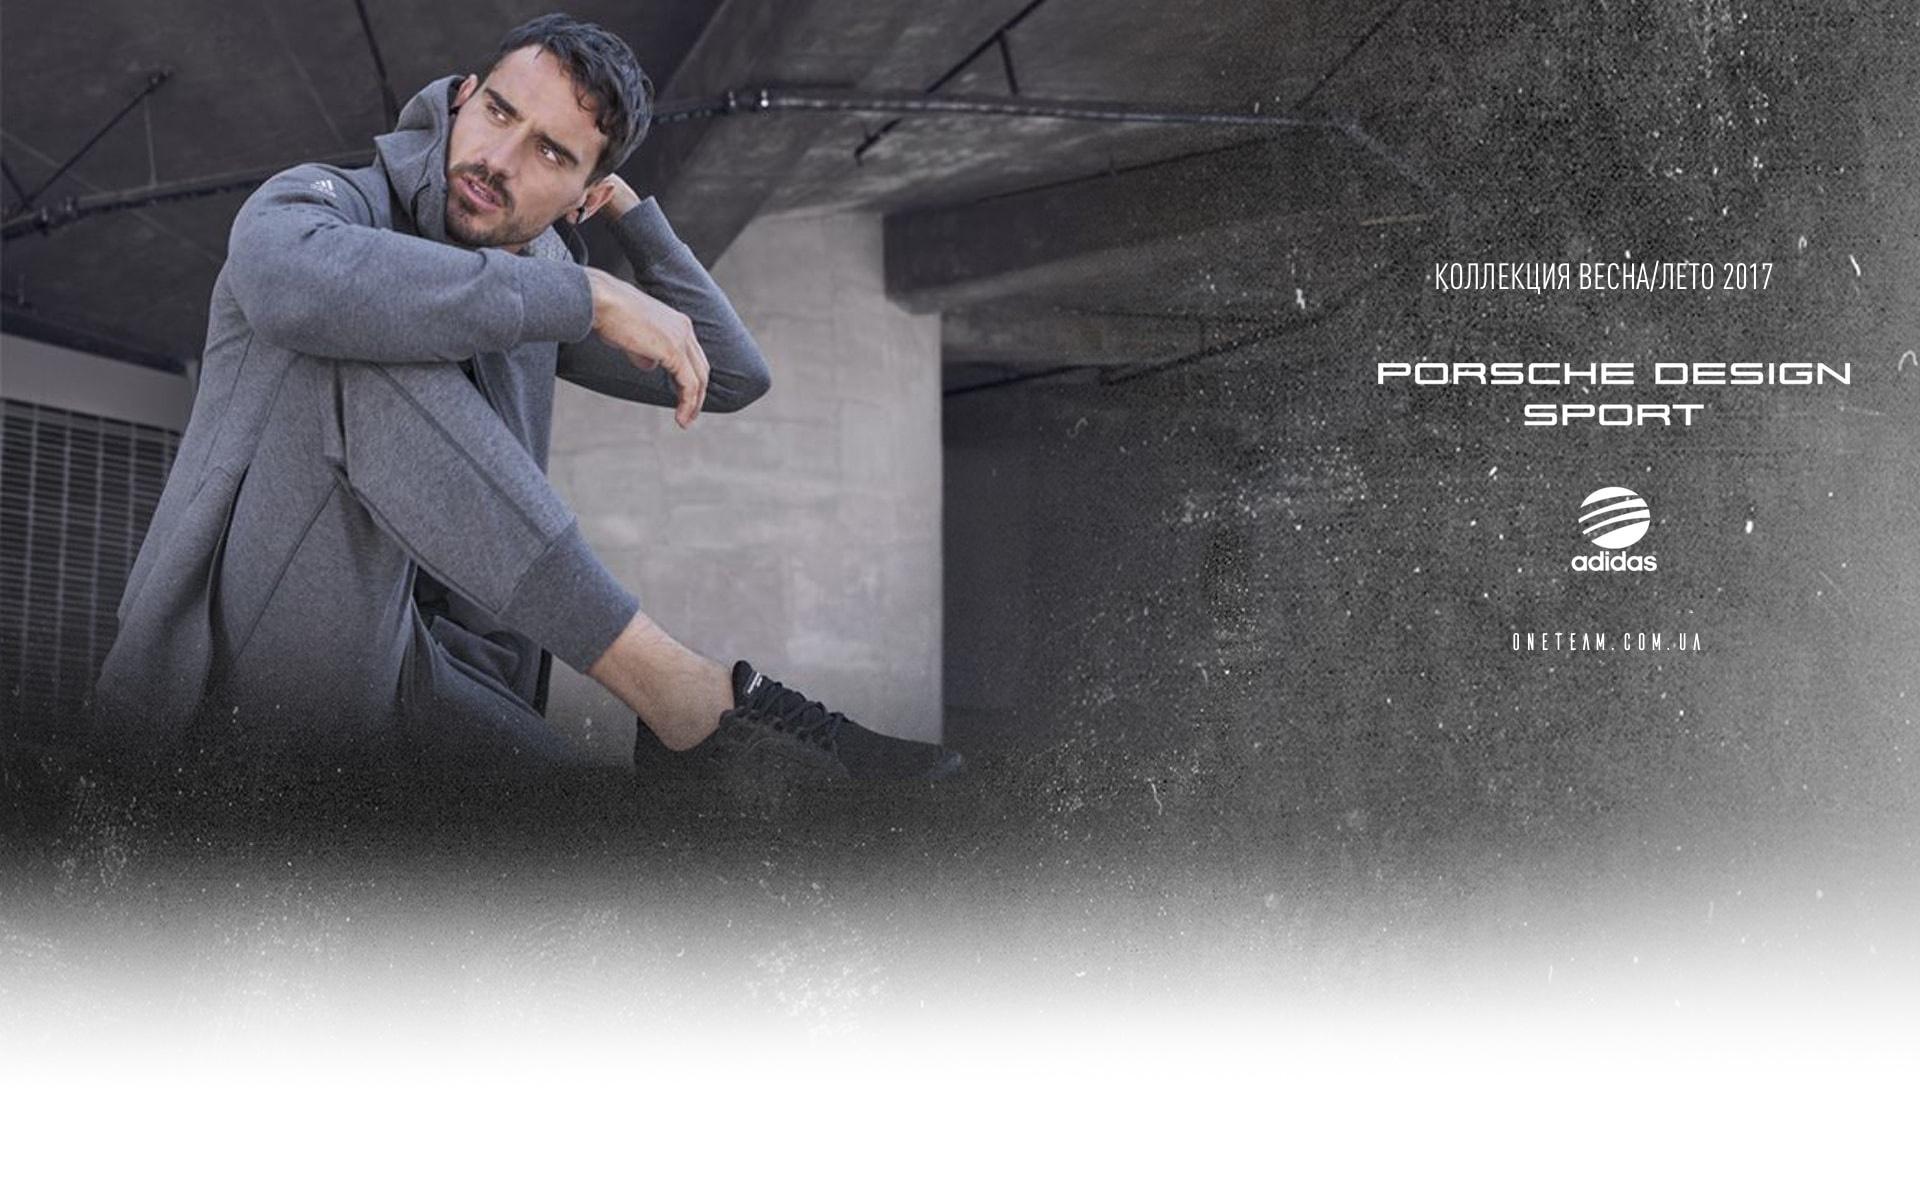 porsche_design_sport_by_adidas_0.jpg